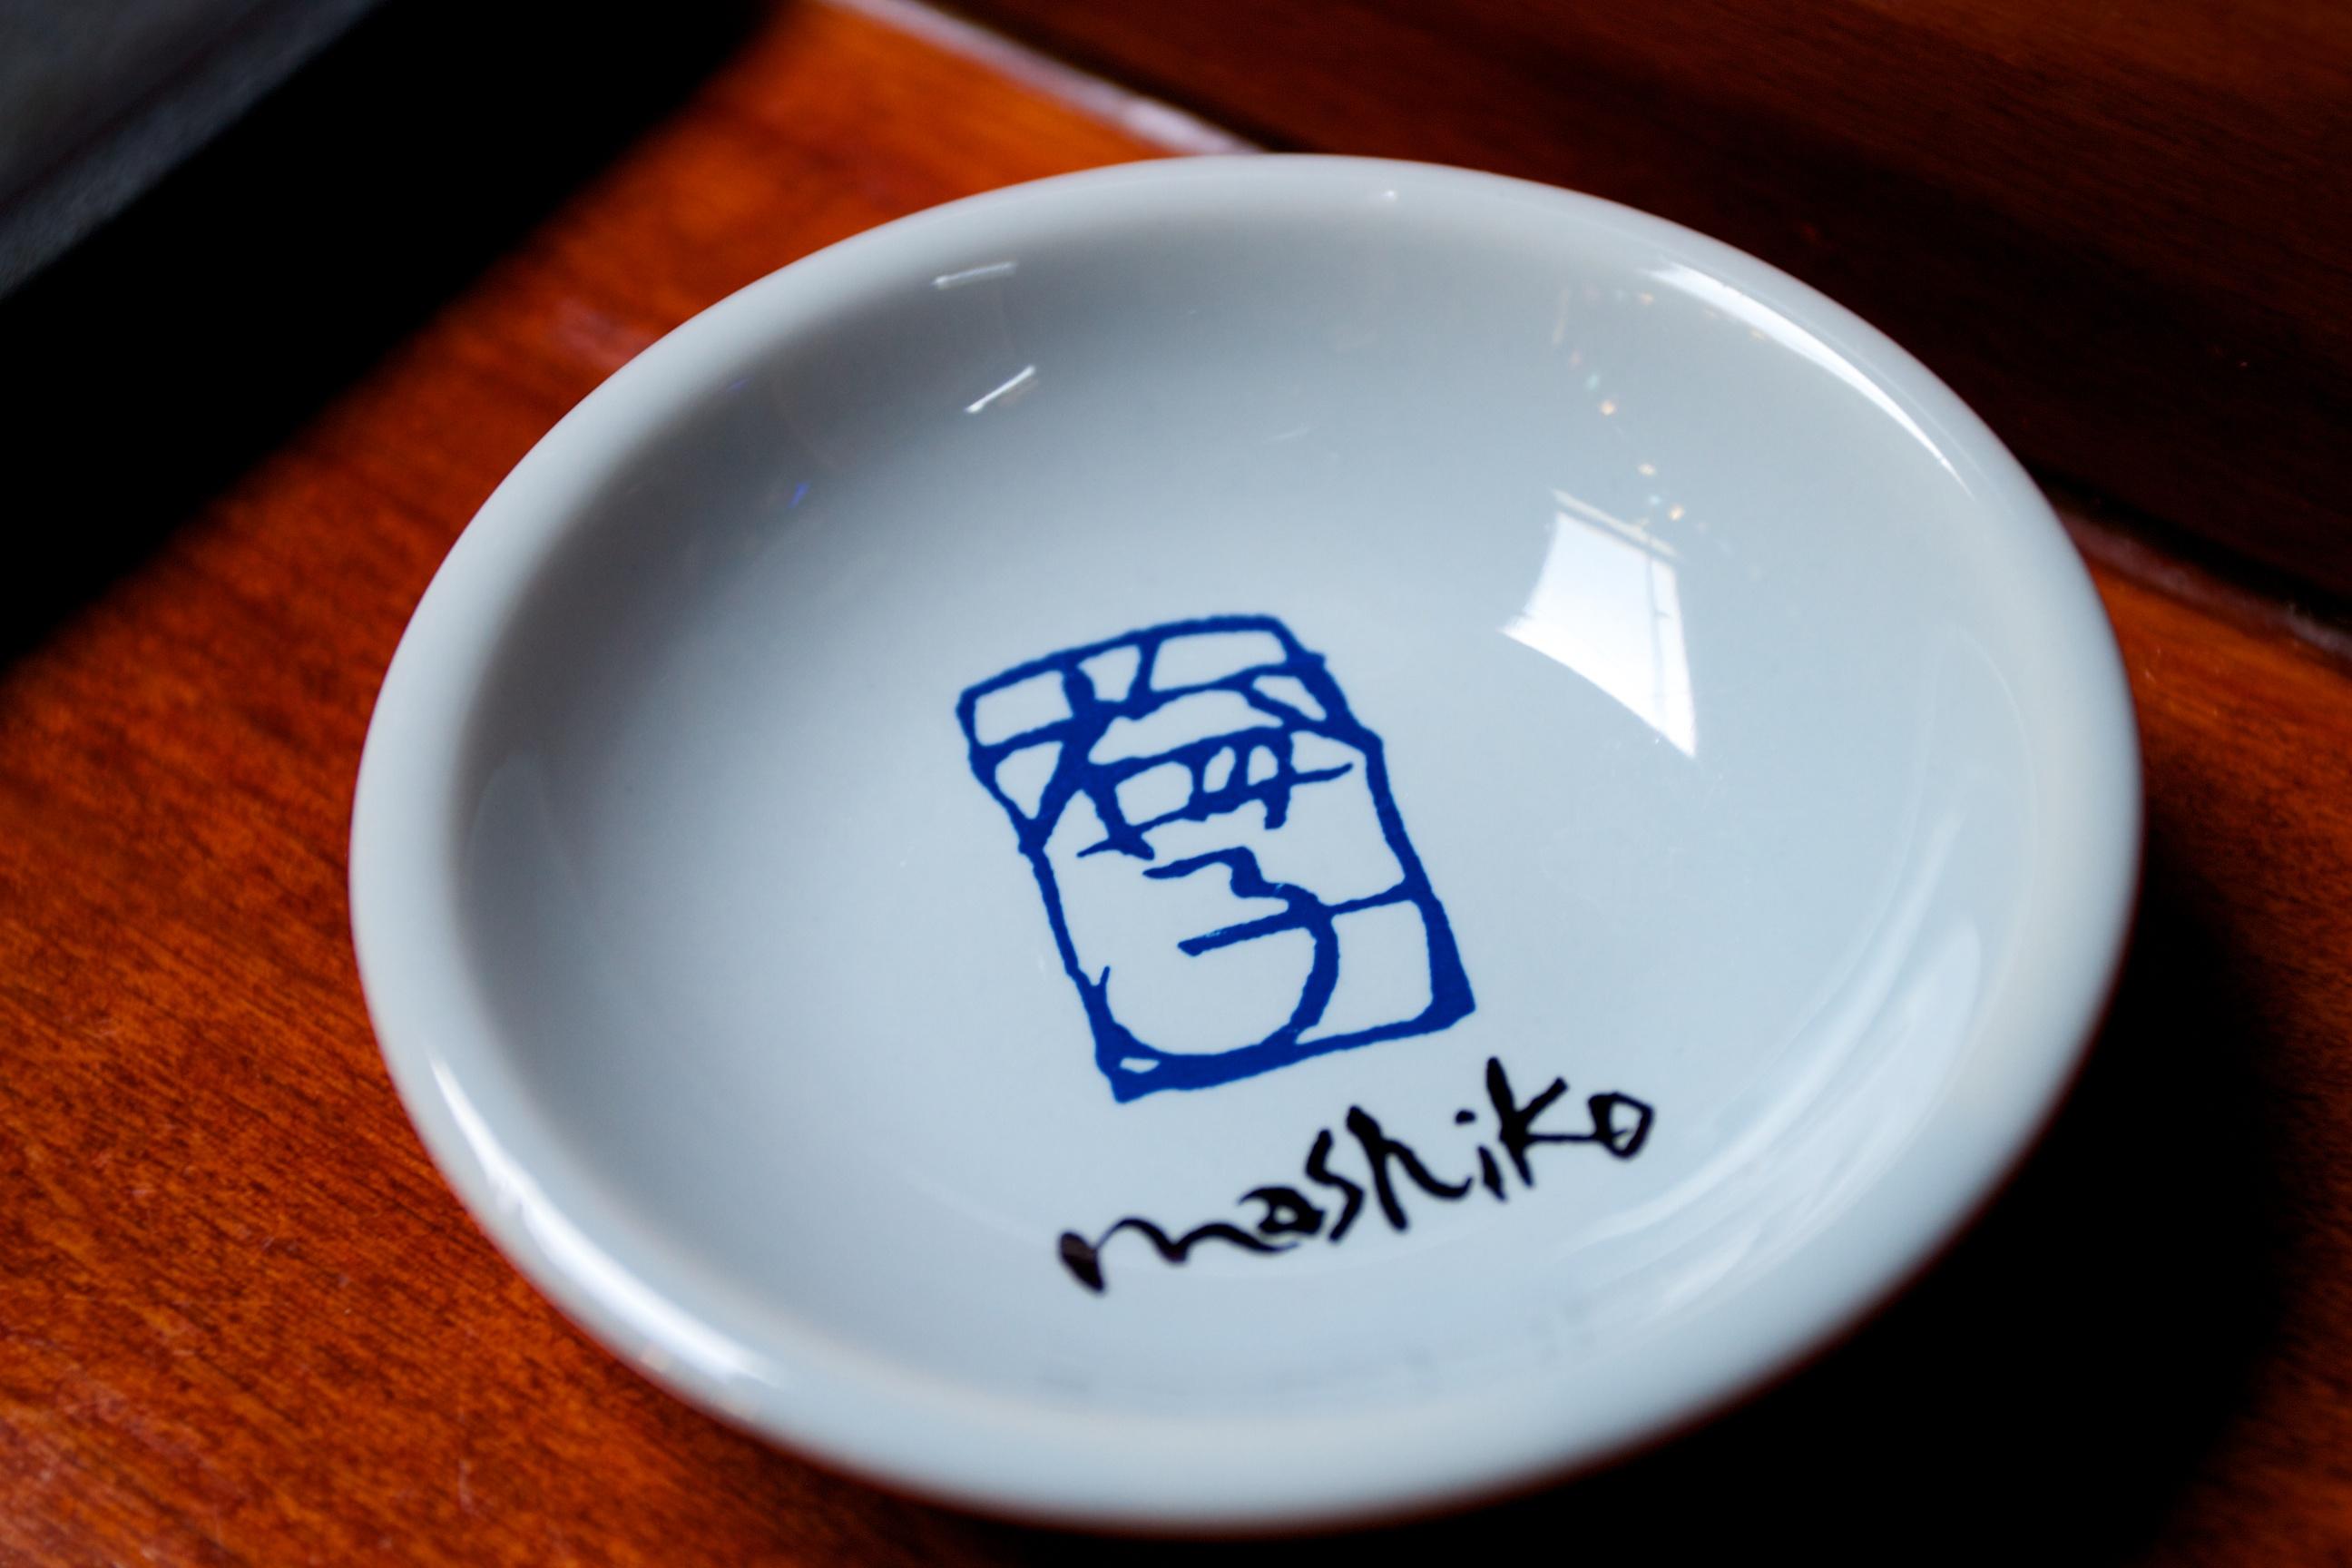 Mashiko's